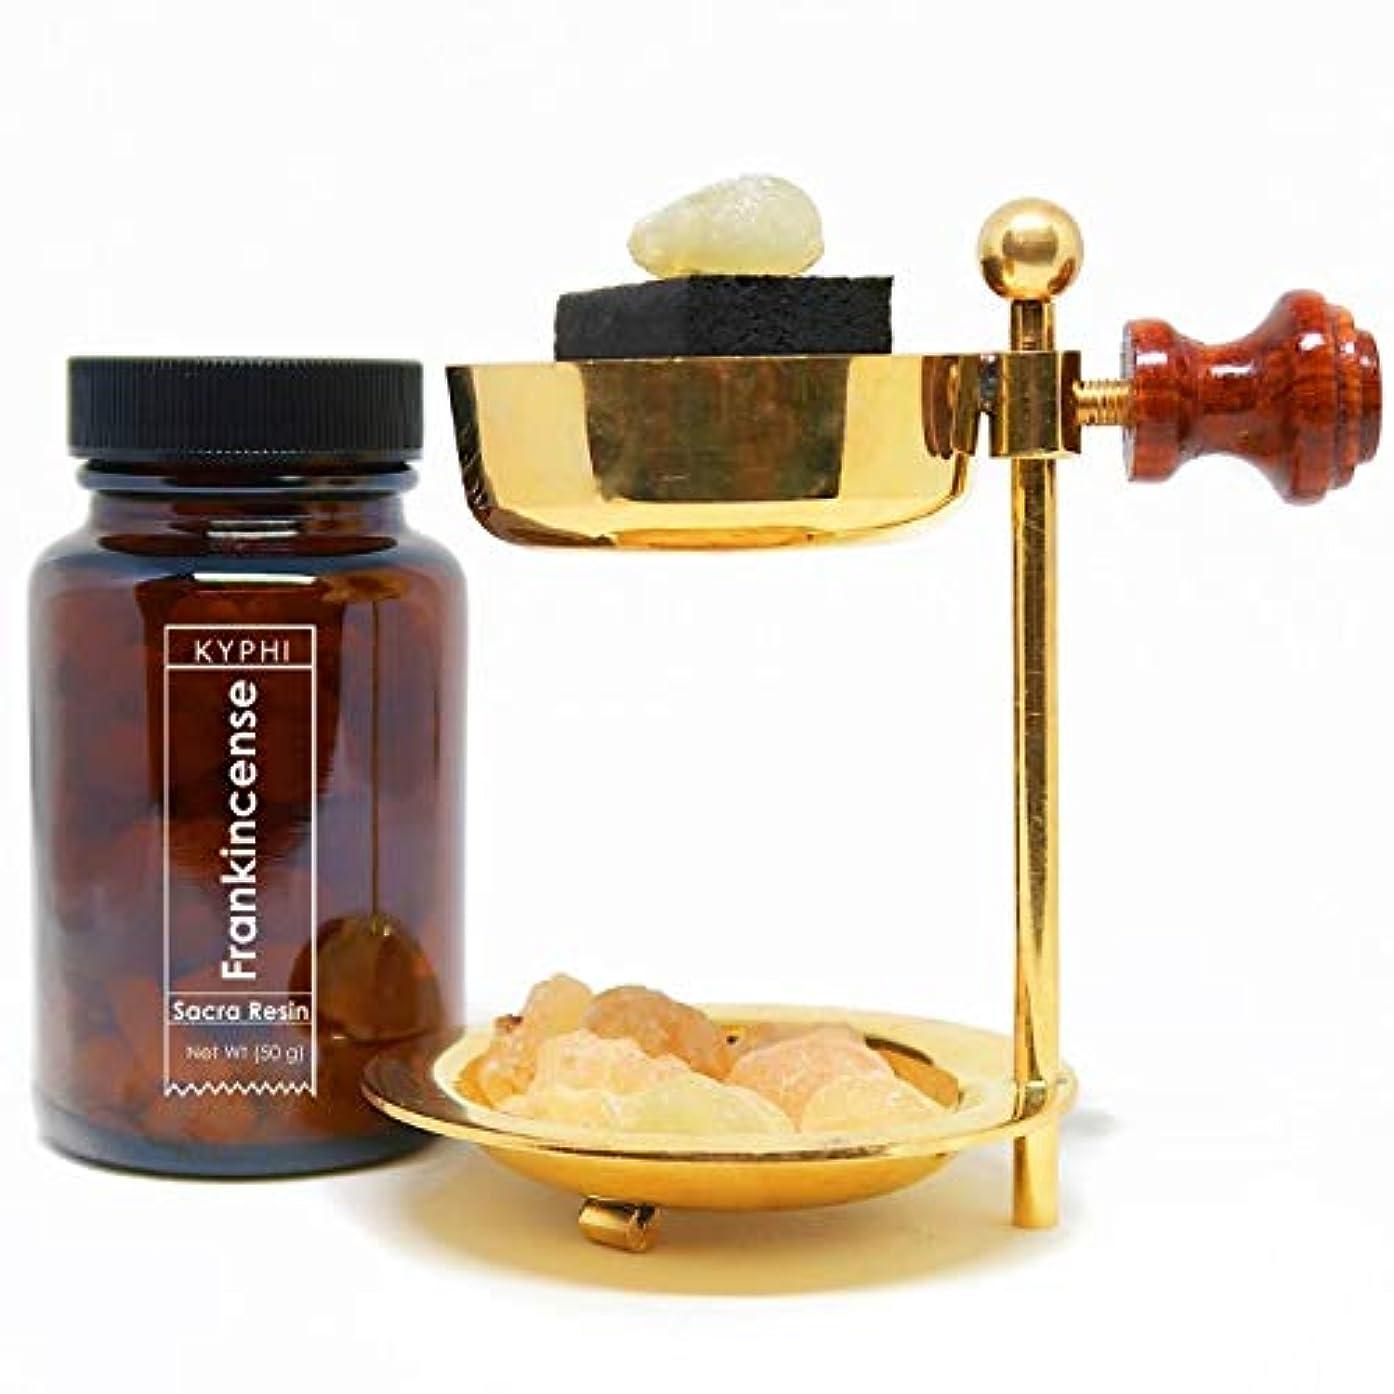 分解する版専門知識kyphishop-ハンドメイドIncense BurnerキットandオマーンFrankincense樹脂倫理的Graded Boswellia Sacraでバケーション、使用する準備キットIncludes Sulphur Free Coconut Shellチャコールキューブ。